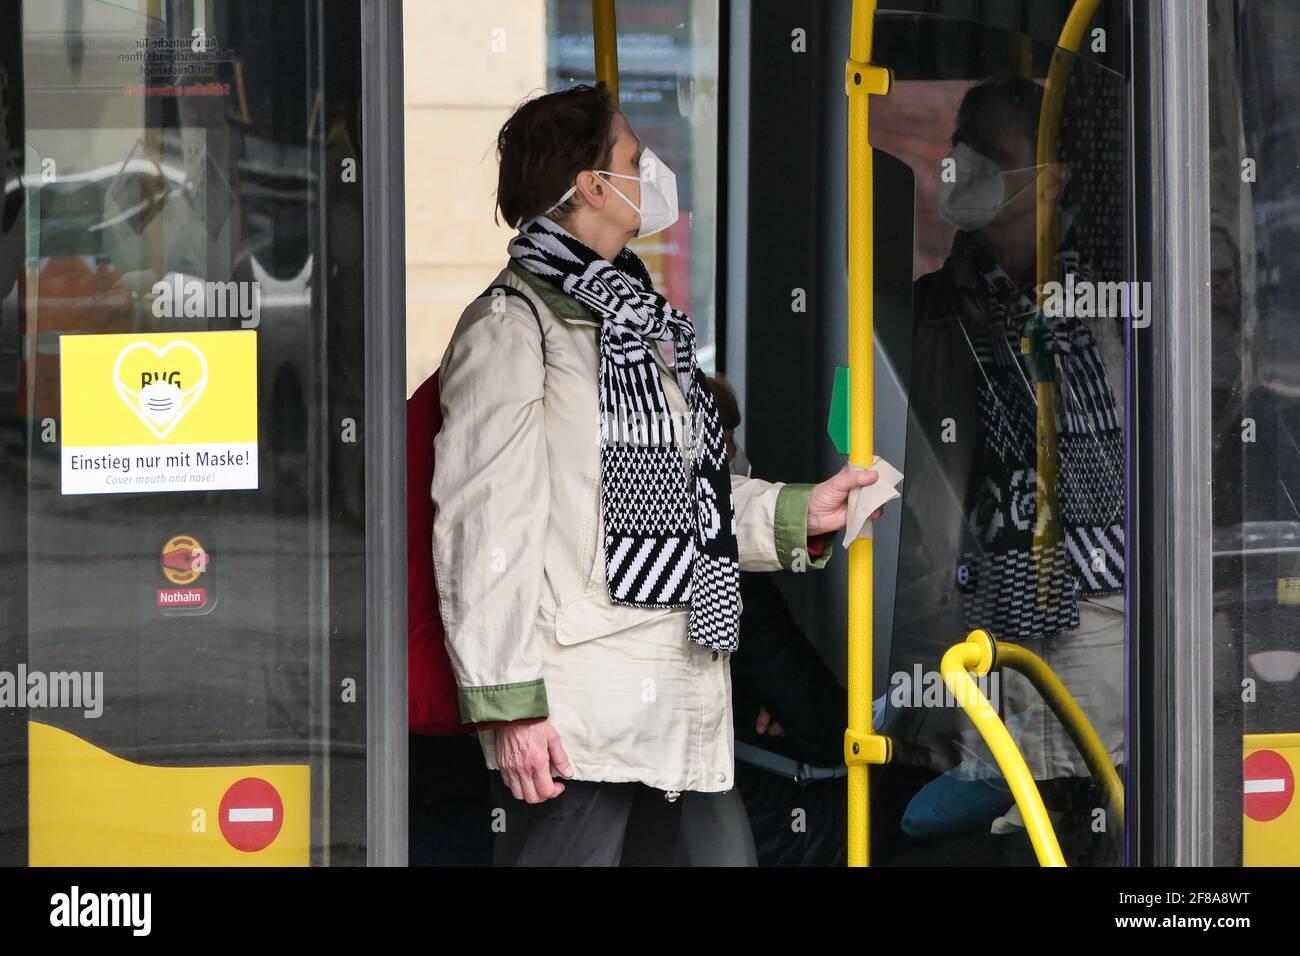 Berlín, Alemania. 12th de Abr de 2021. Un pasajero que lleva una máscara se encuentra en un autobús en Berlín, capital de Alemania, el 12 de abril de 2021. Más de tres millones de infecciones por COVID-19 se han registrado en Alemania el lunes desde el brote de la pandemia, según el Instituto Robert Koch (RKI). Crédito: Stefan Zeitz/Xinhua/Alamy Live News Foto de stock